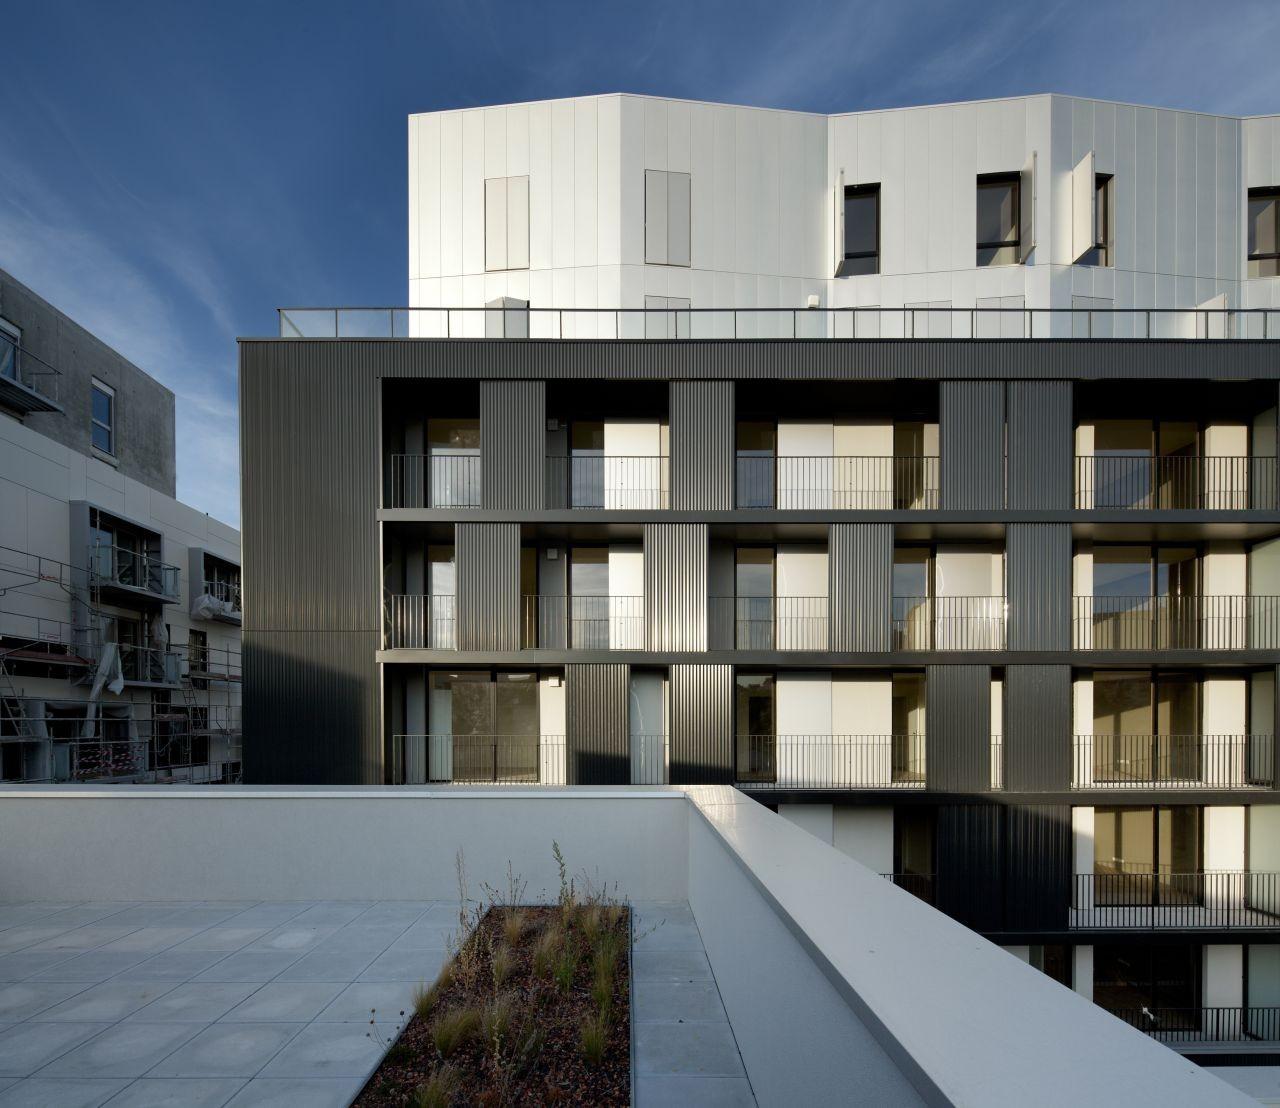 48 LOGEMENTS - Vitry sur Seine / Gaëtan Le Penhuel Architecture